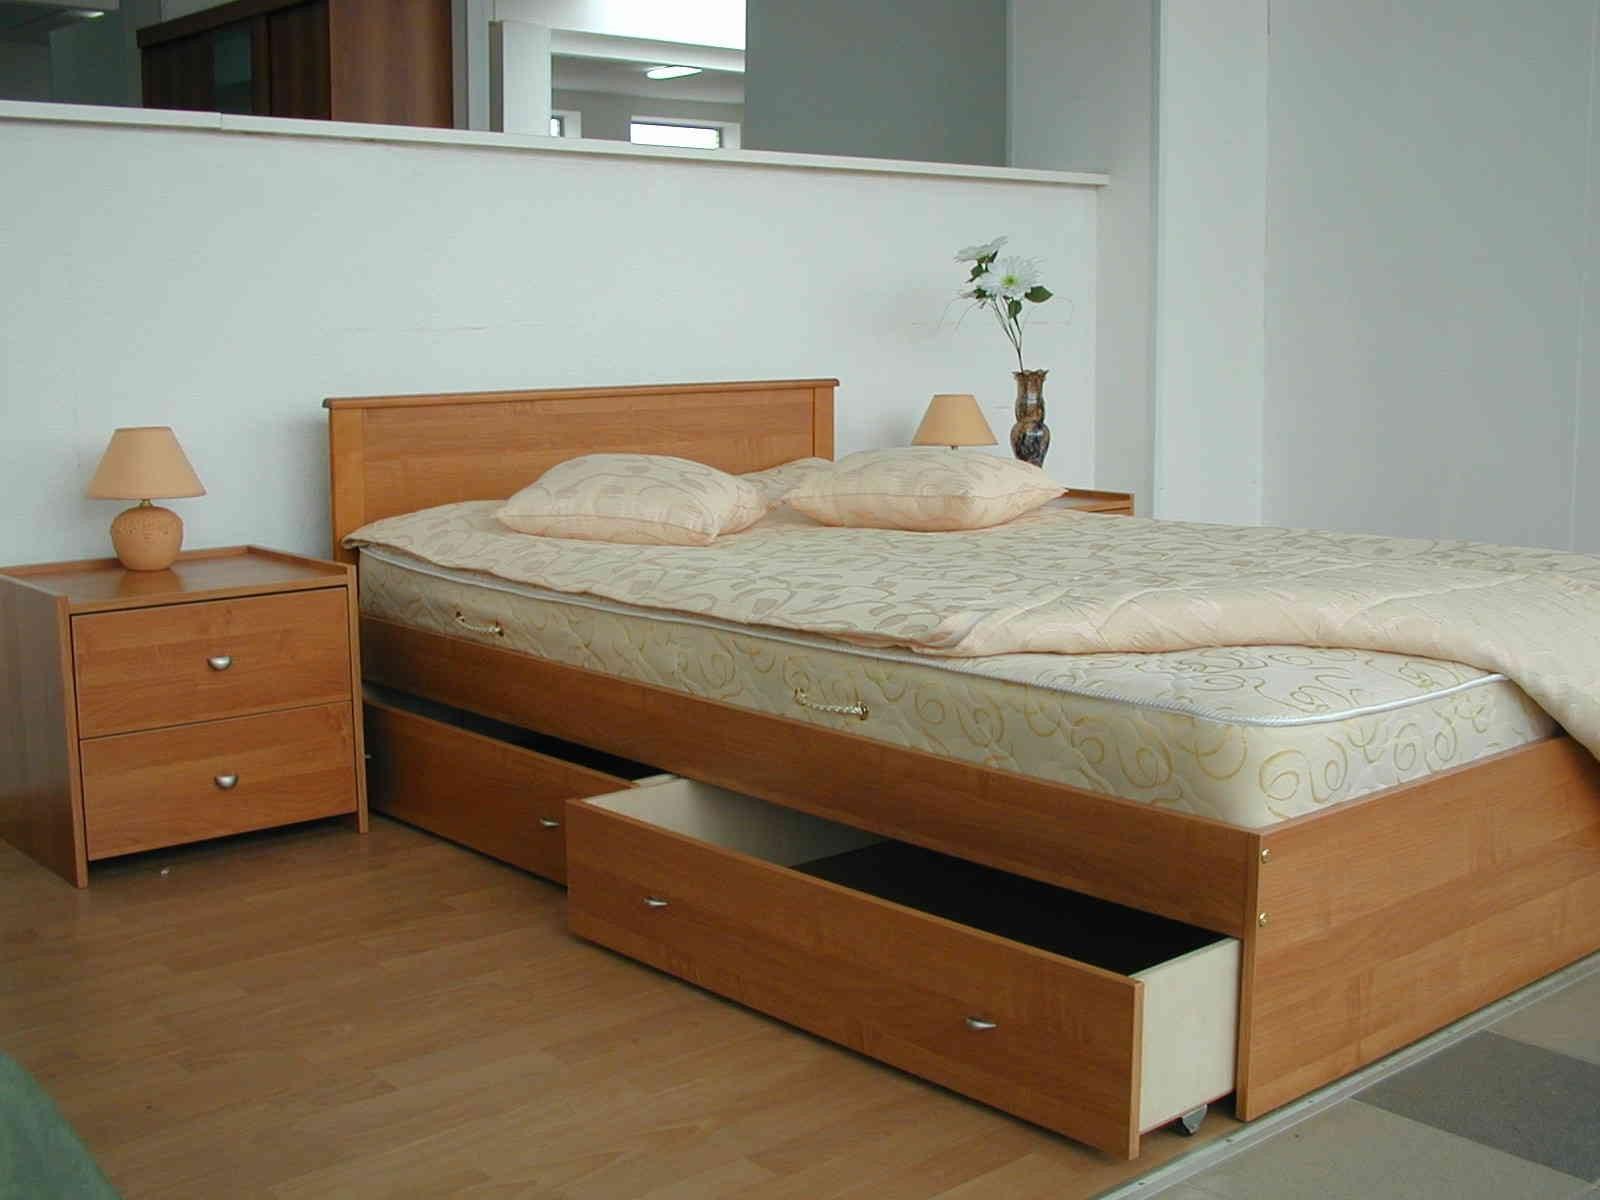 кровать-подиум низкие потолки